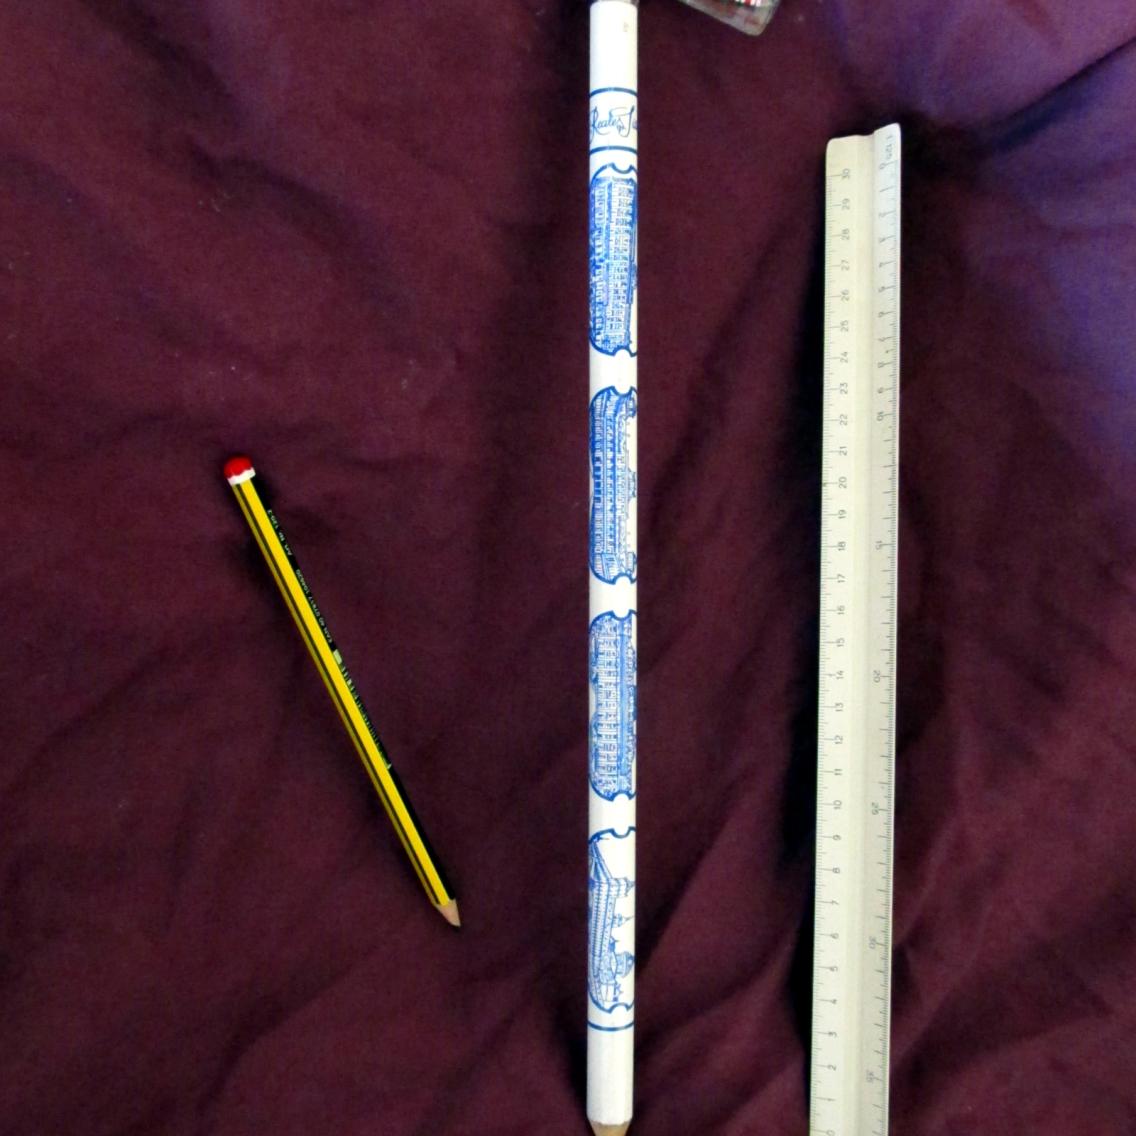 Mi lápiz más grande - souvenir de los Palacios Nacionales de España